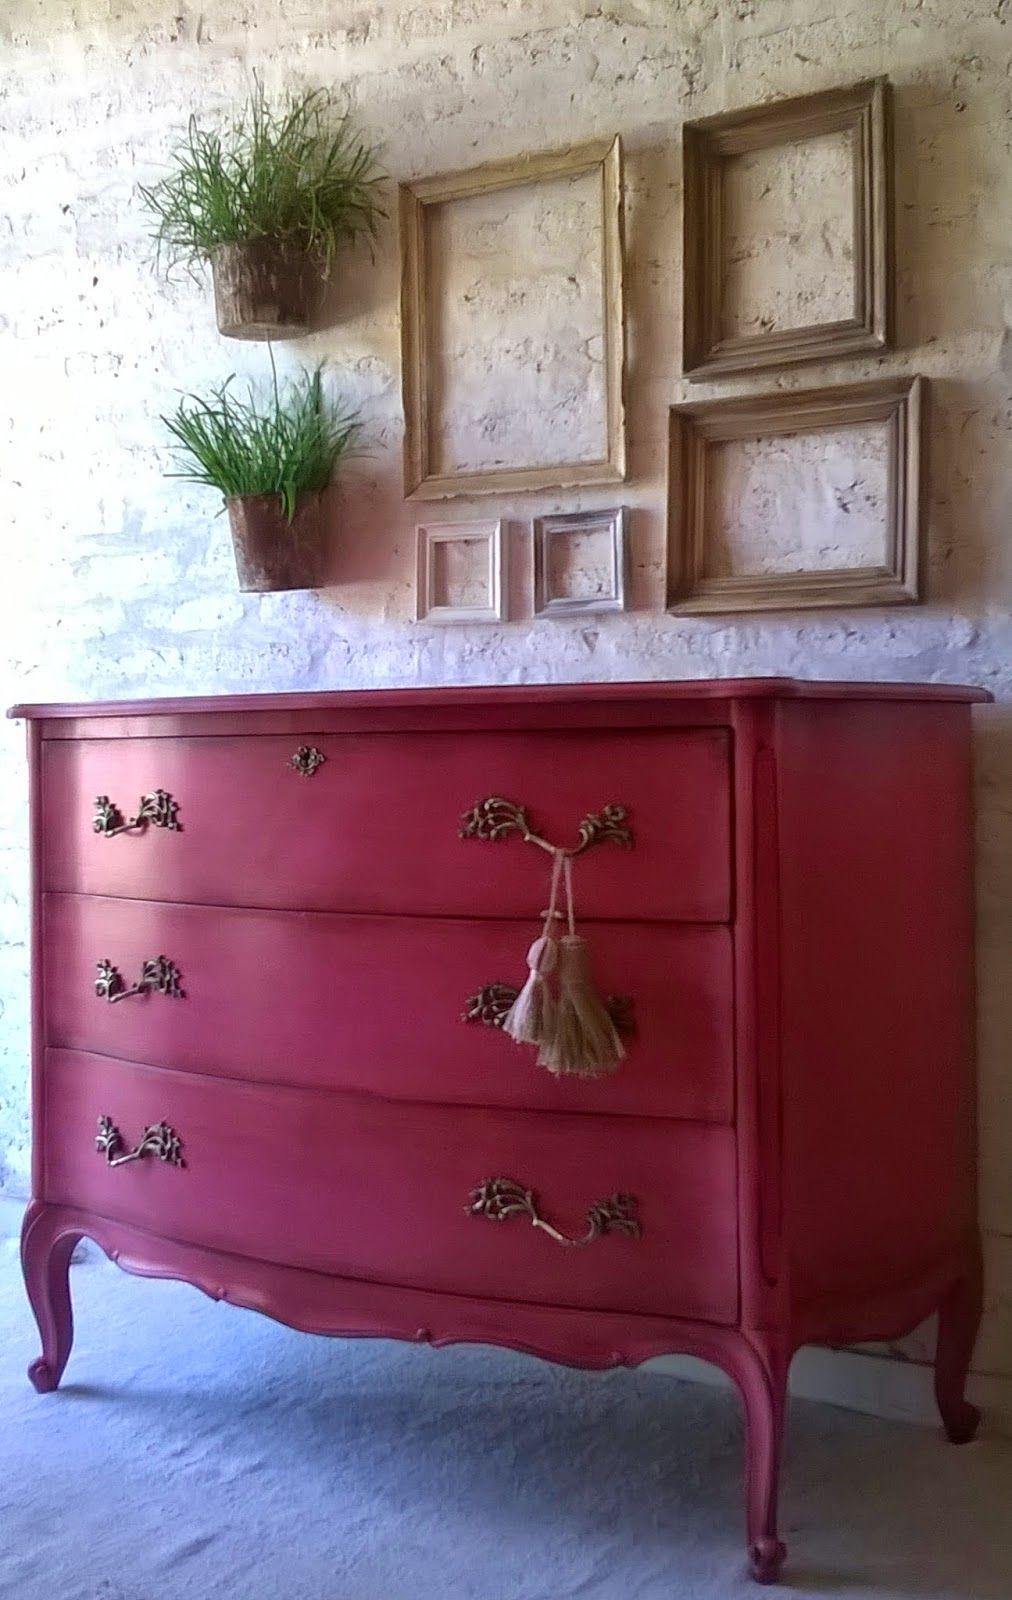 C moda antigua luis xv fucsia envejecido muebles - Muebles la comoda ...